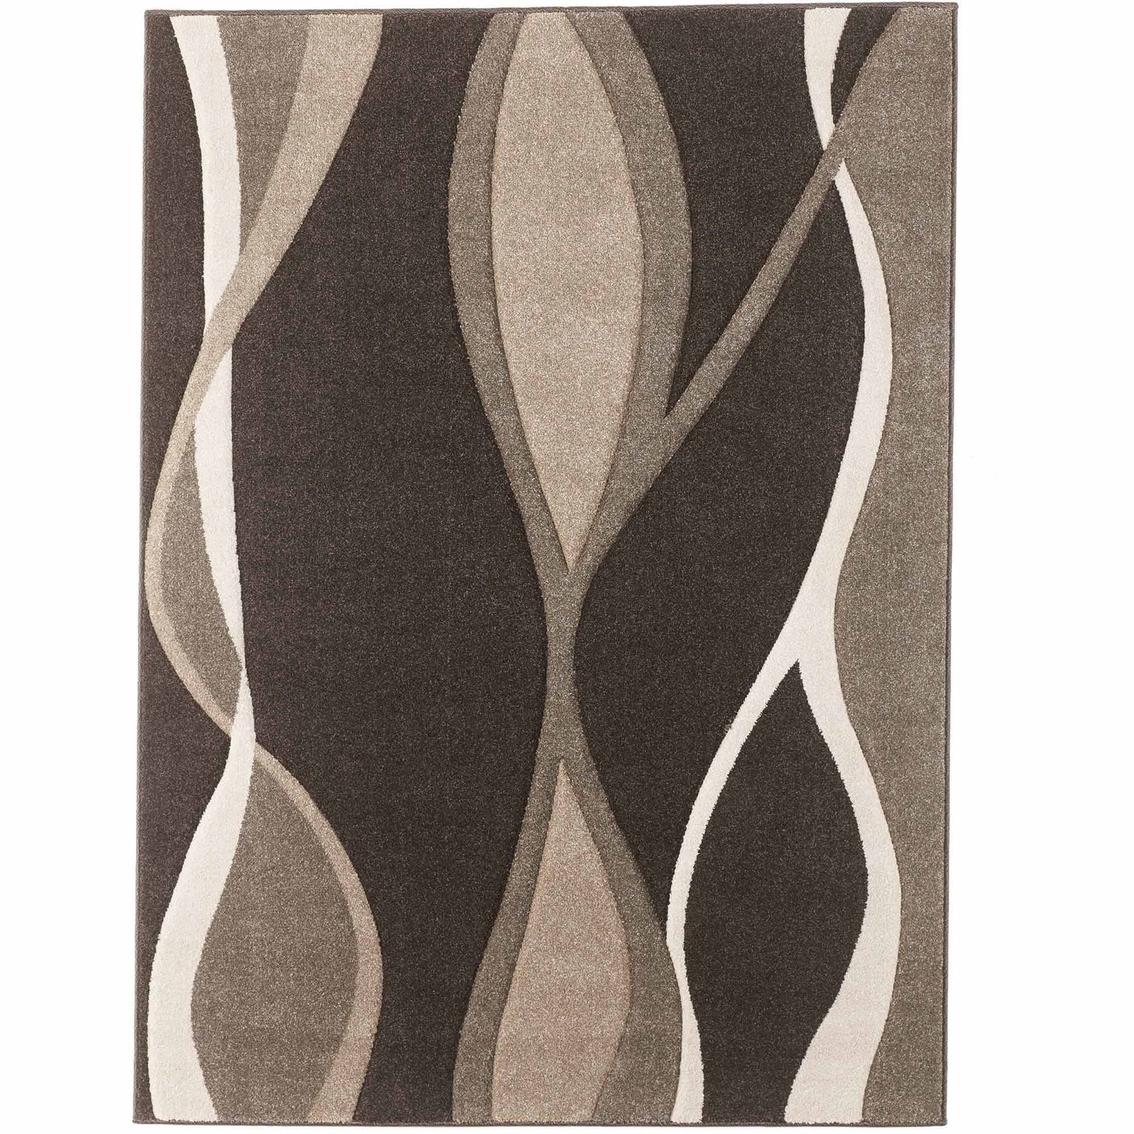 a545895d2619 Signature Design By Ashley Cadence Contemporary Rug